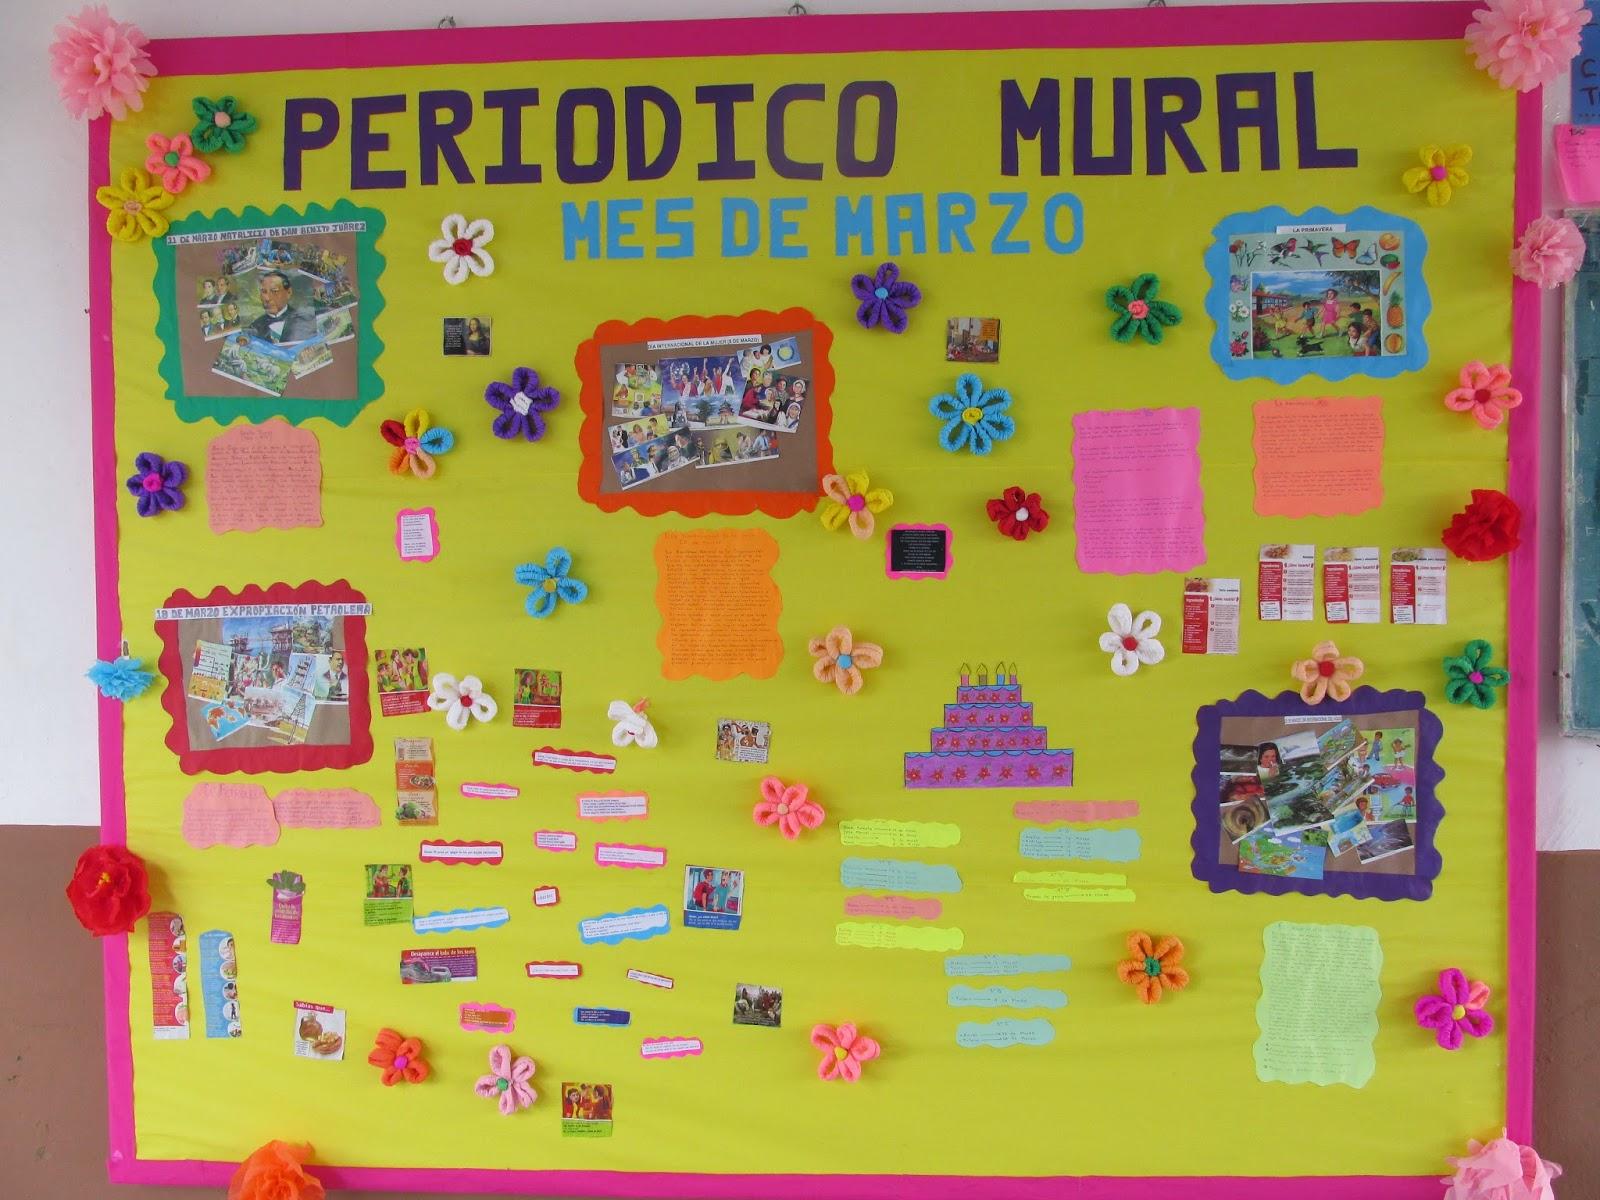 Peri dico mural marzo 7 imagenes educativas for Como elaborar un periodico mural escolar